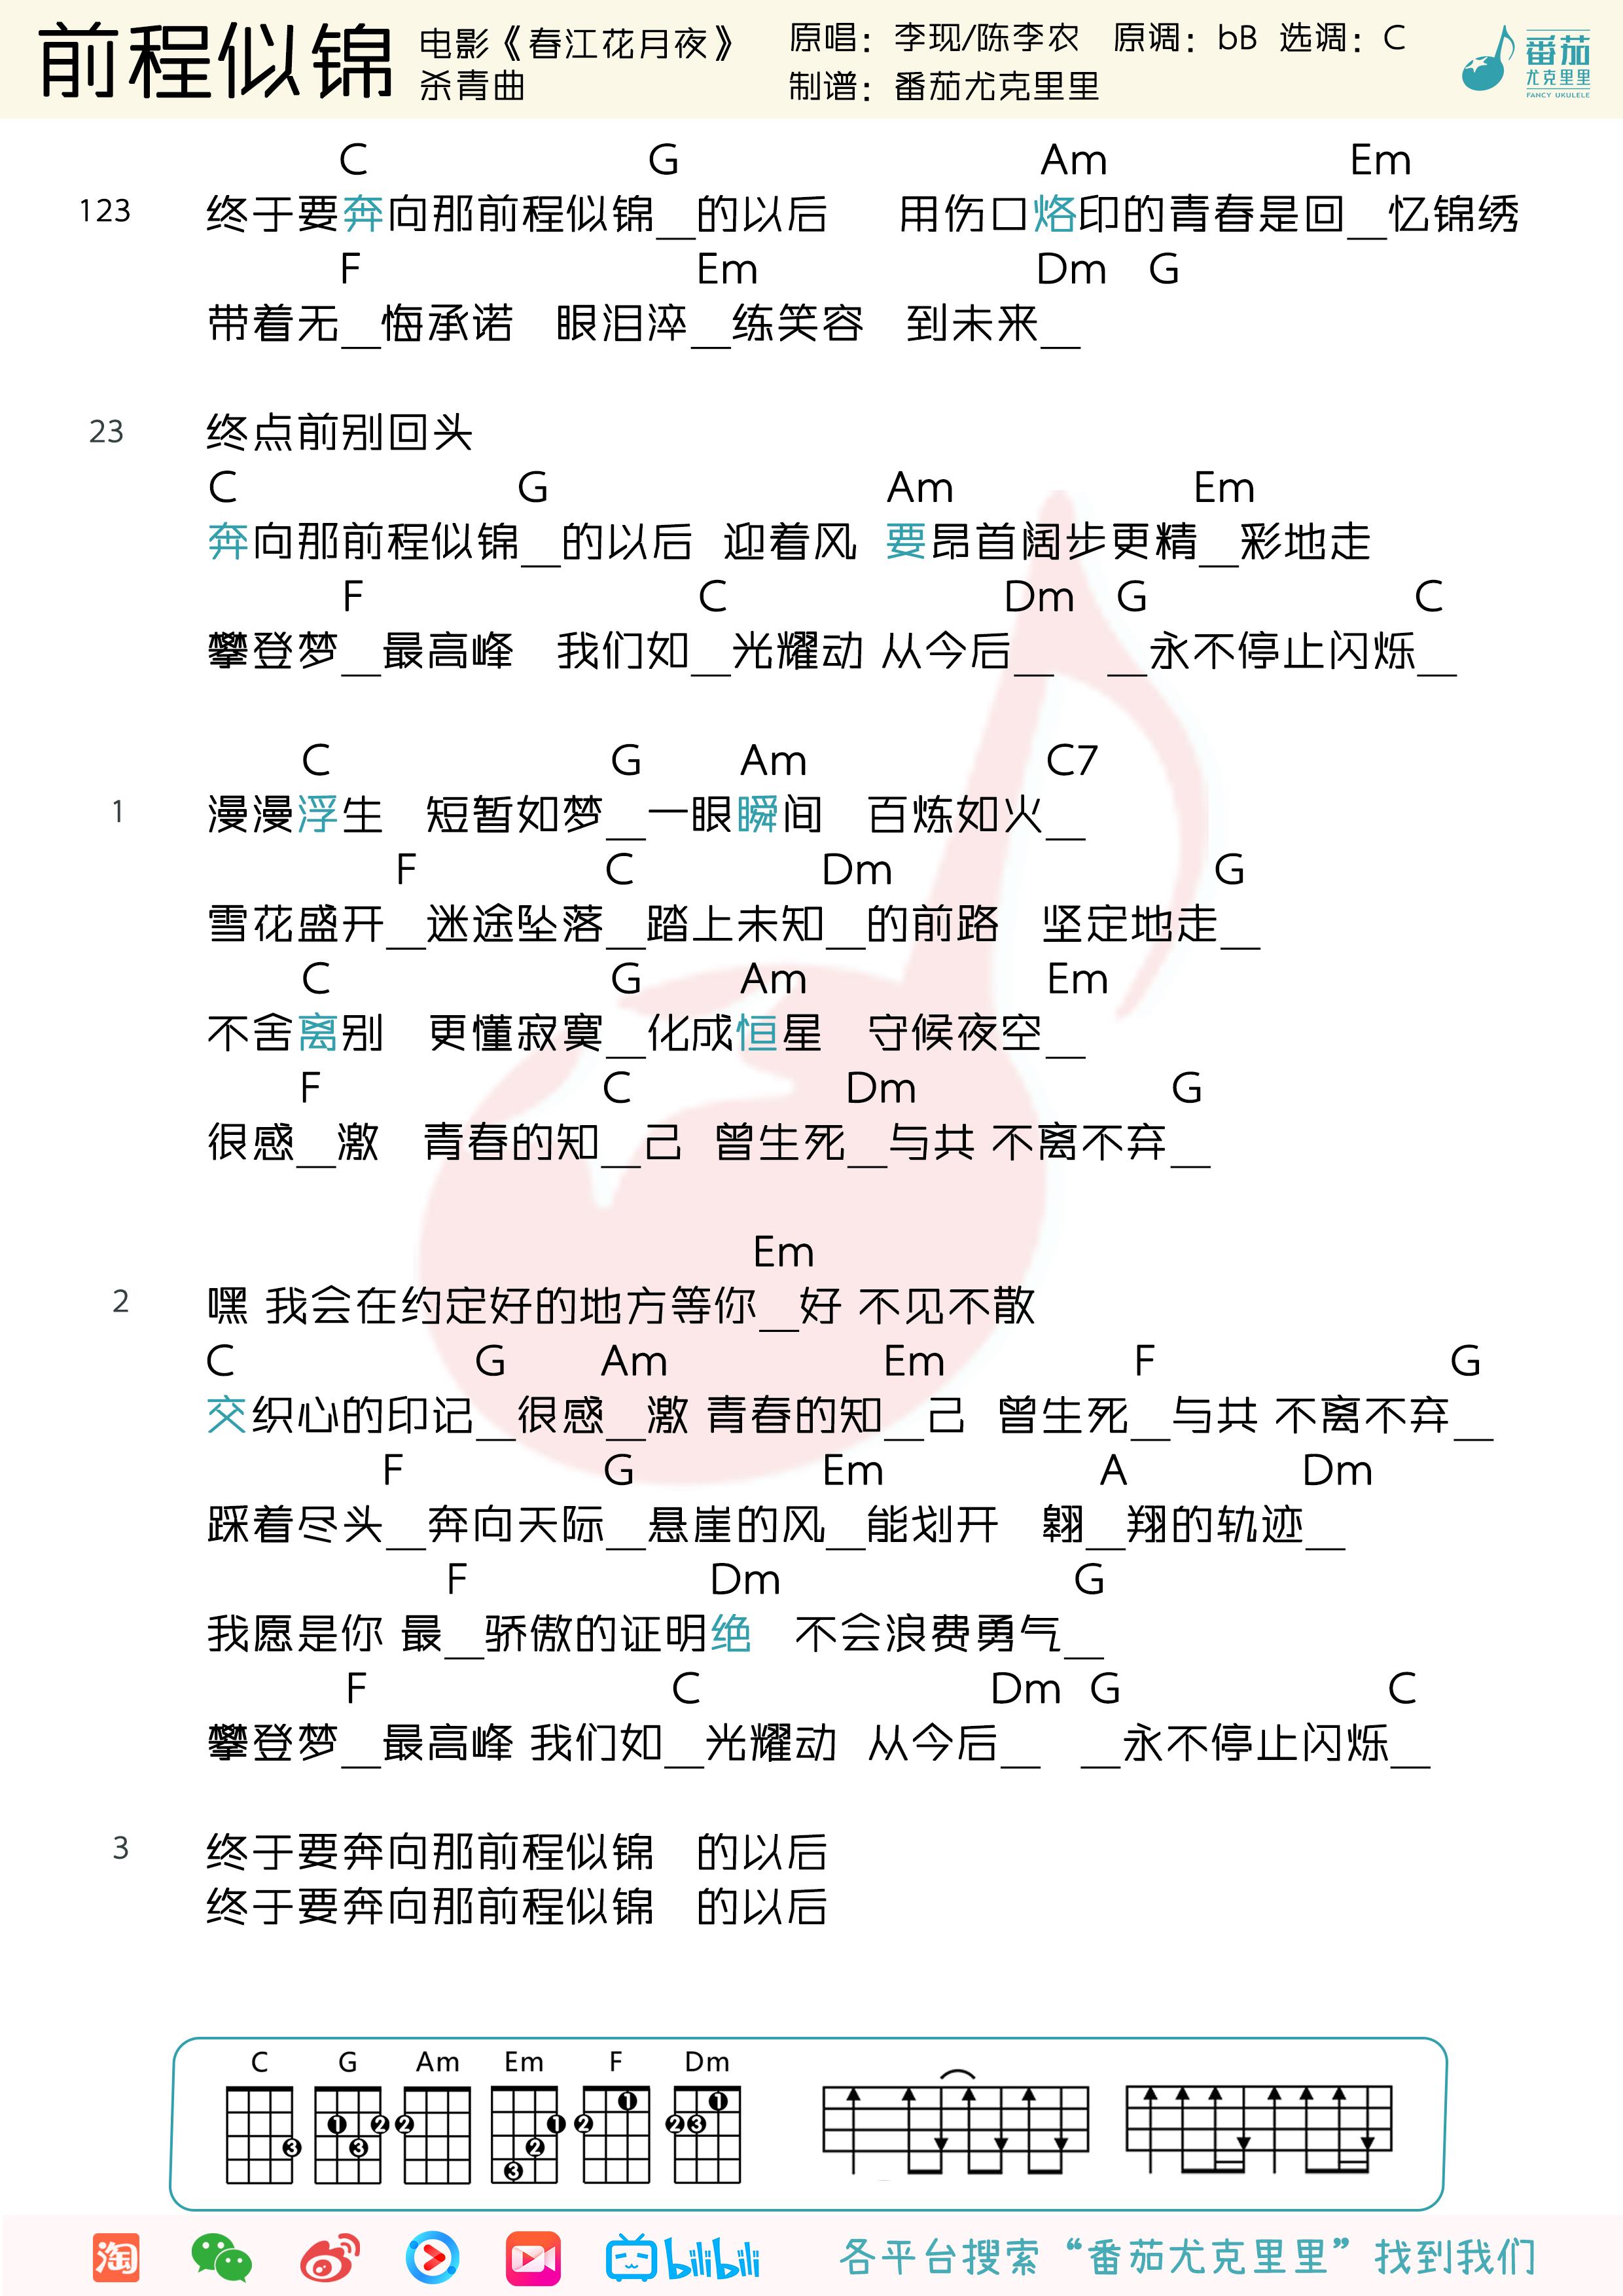 《前程似锦》尤克里里弹唱曲谱-陈立农李现-C大调音乐网